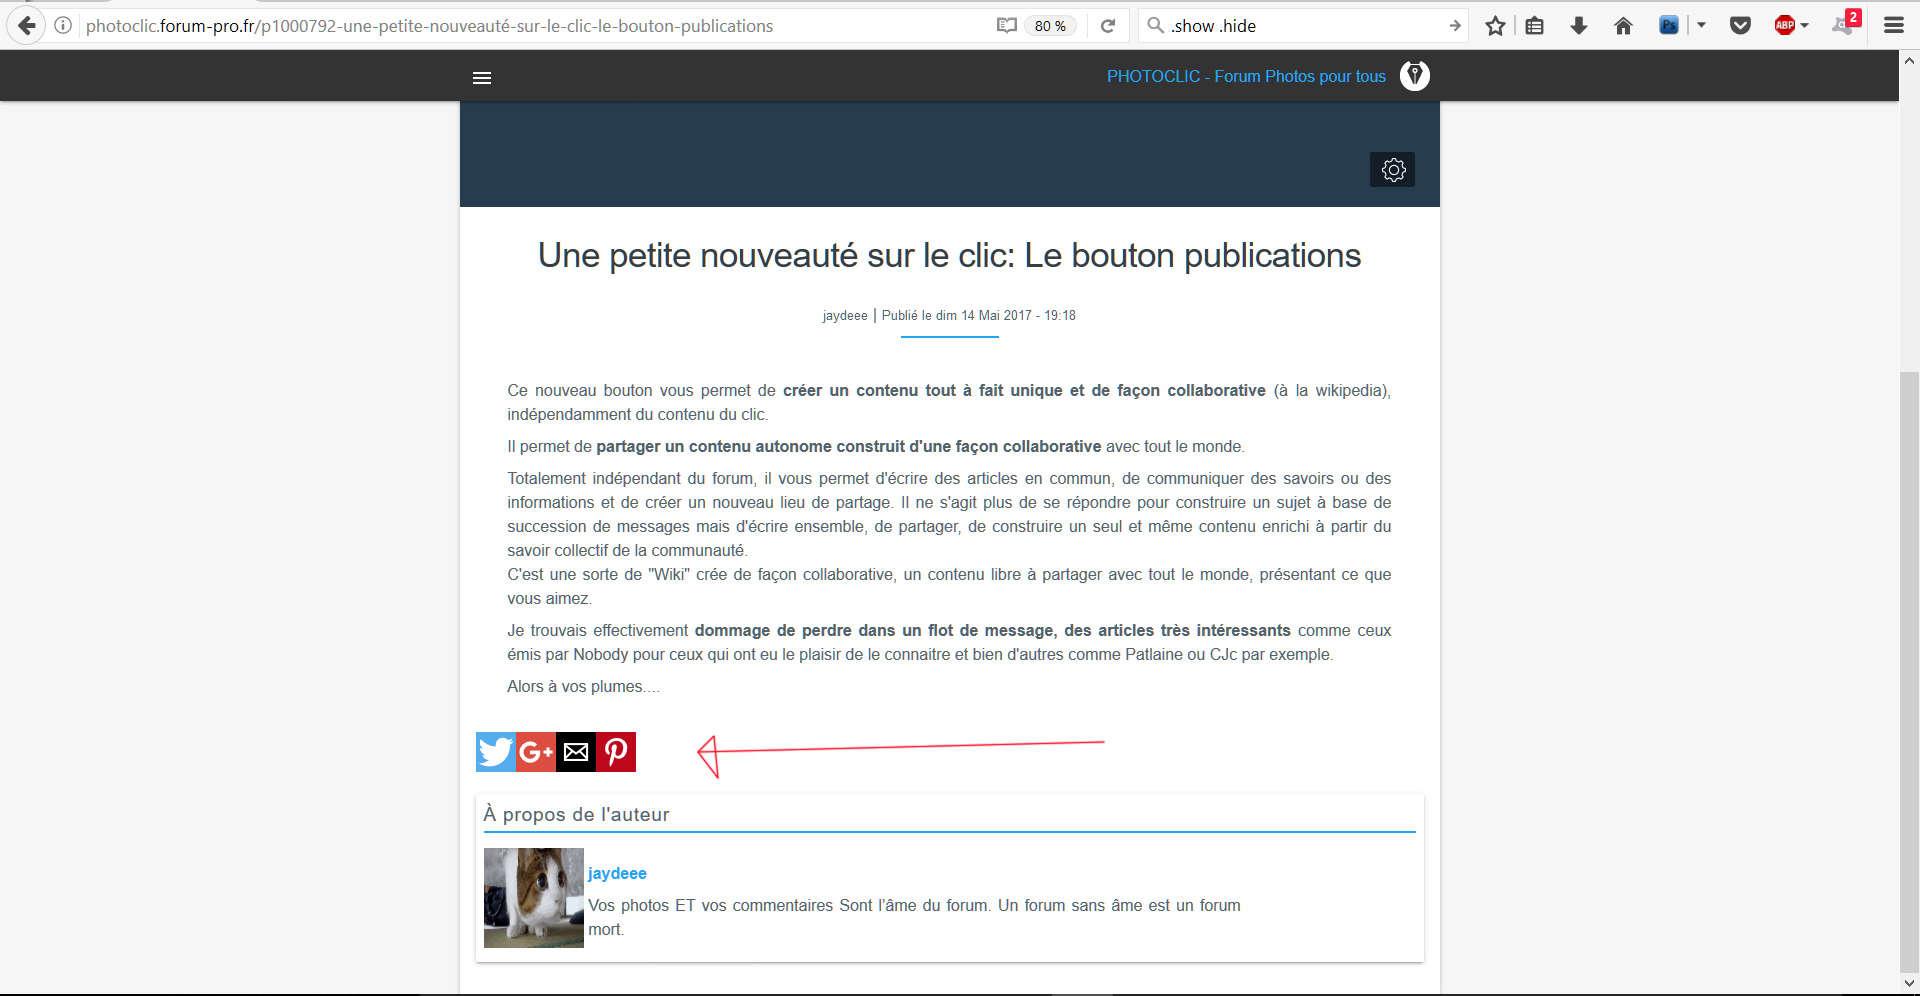 Présentation des publications - Page 4 Sans_t11